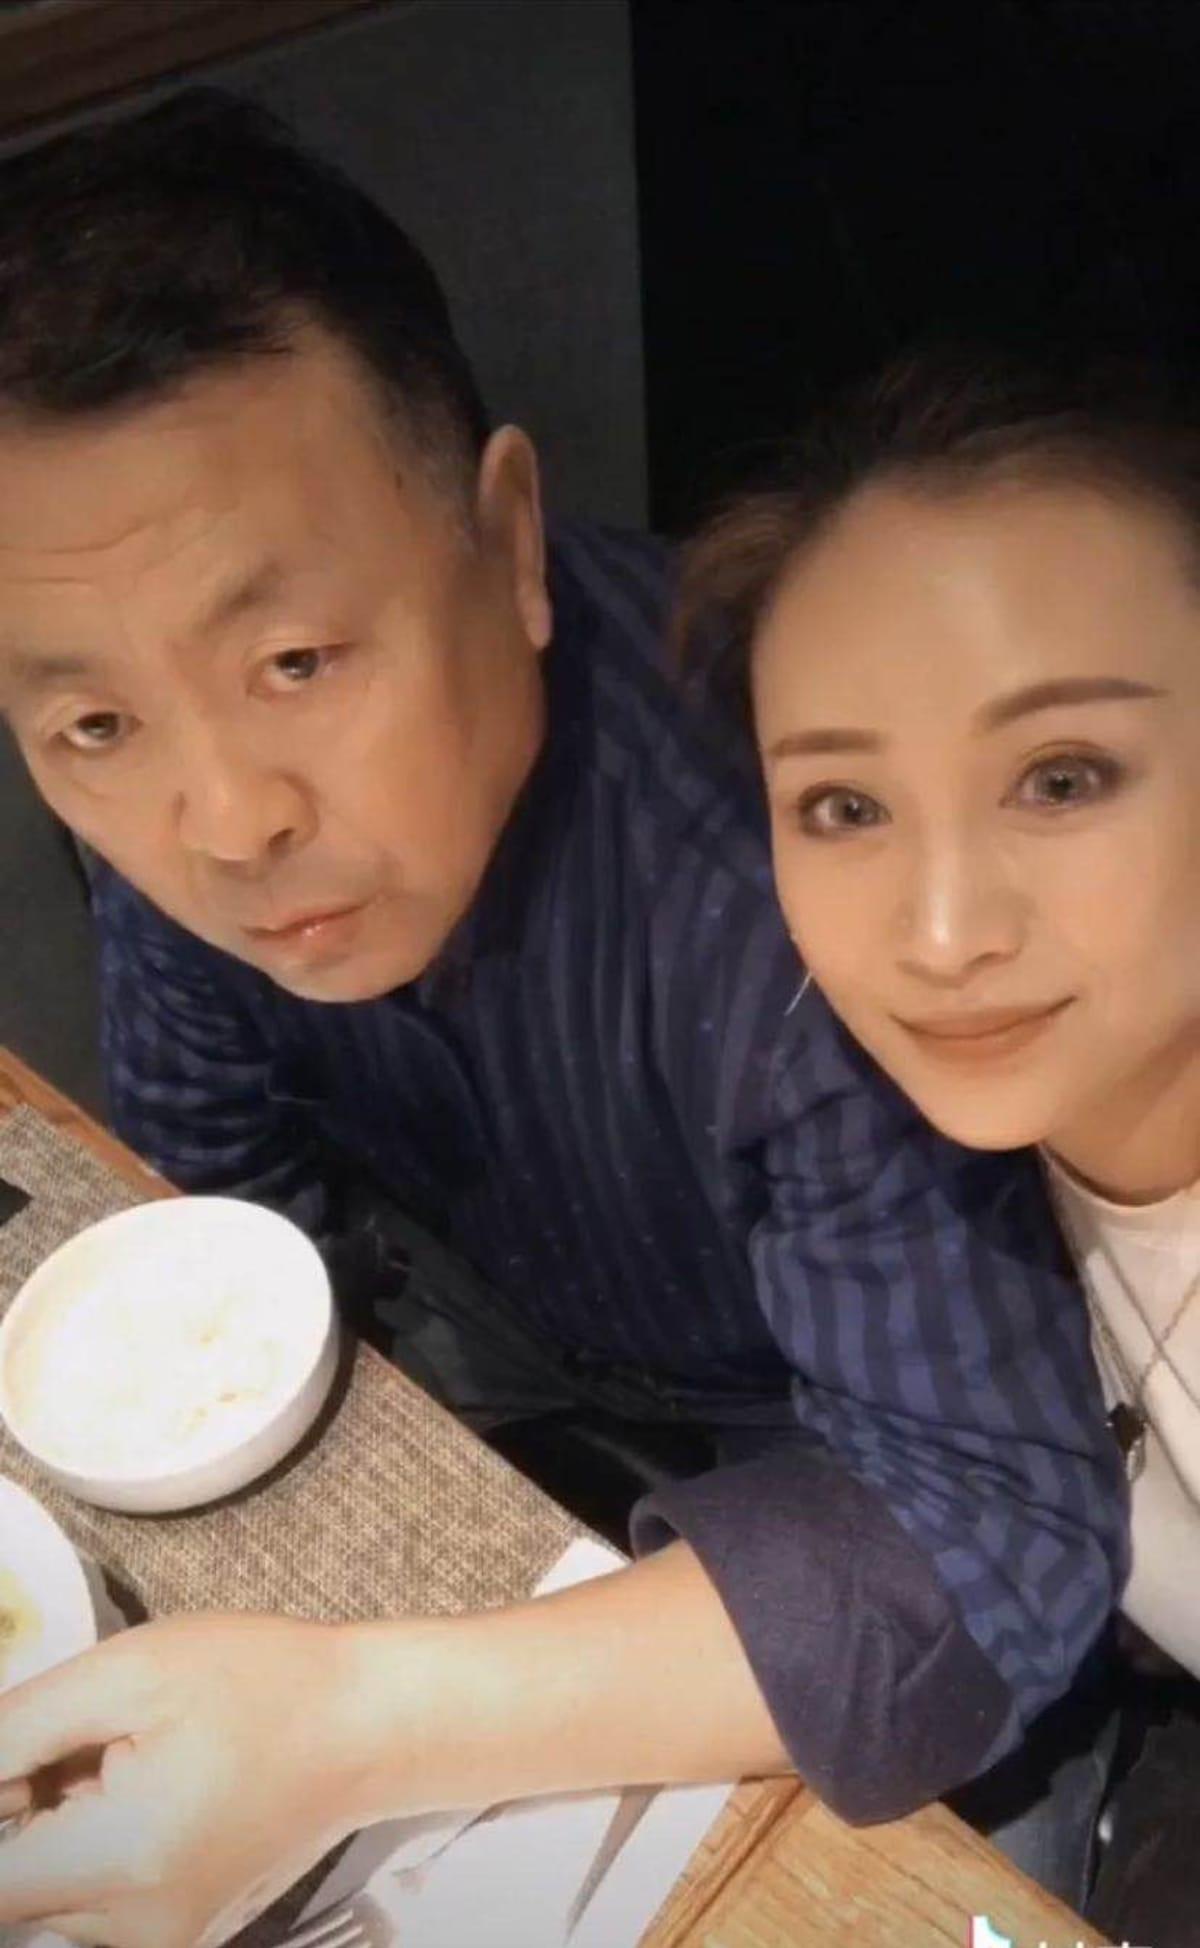 kiinalainen isä ja tytär katsovat kameraan pöydän ääressä